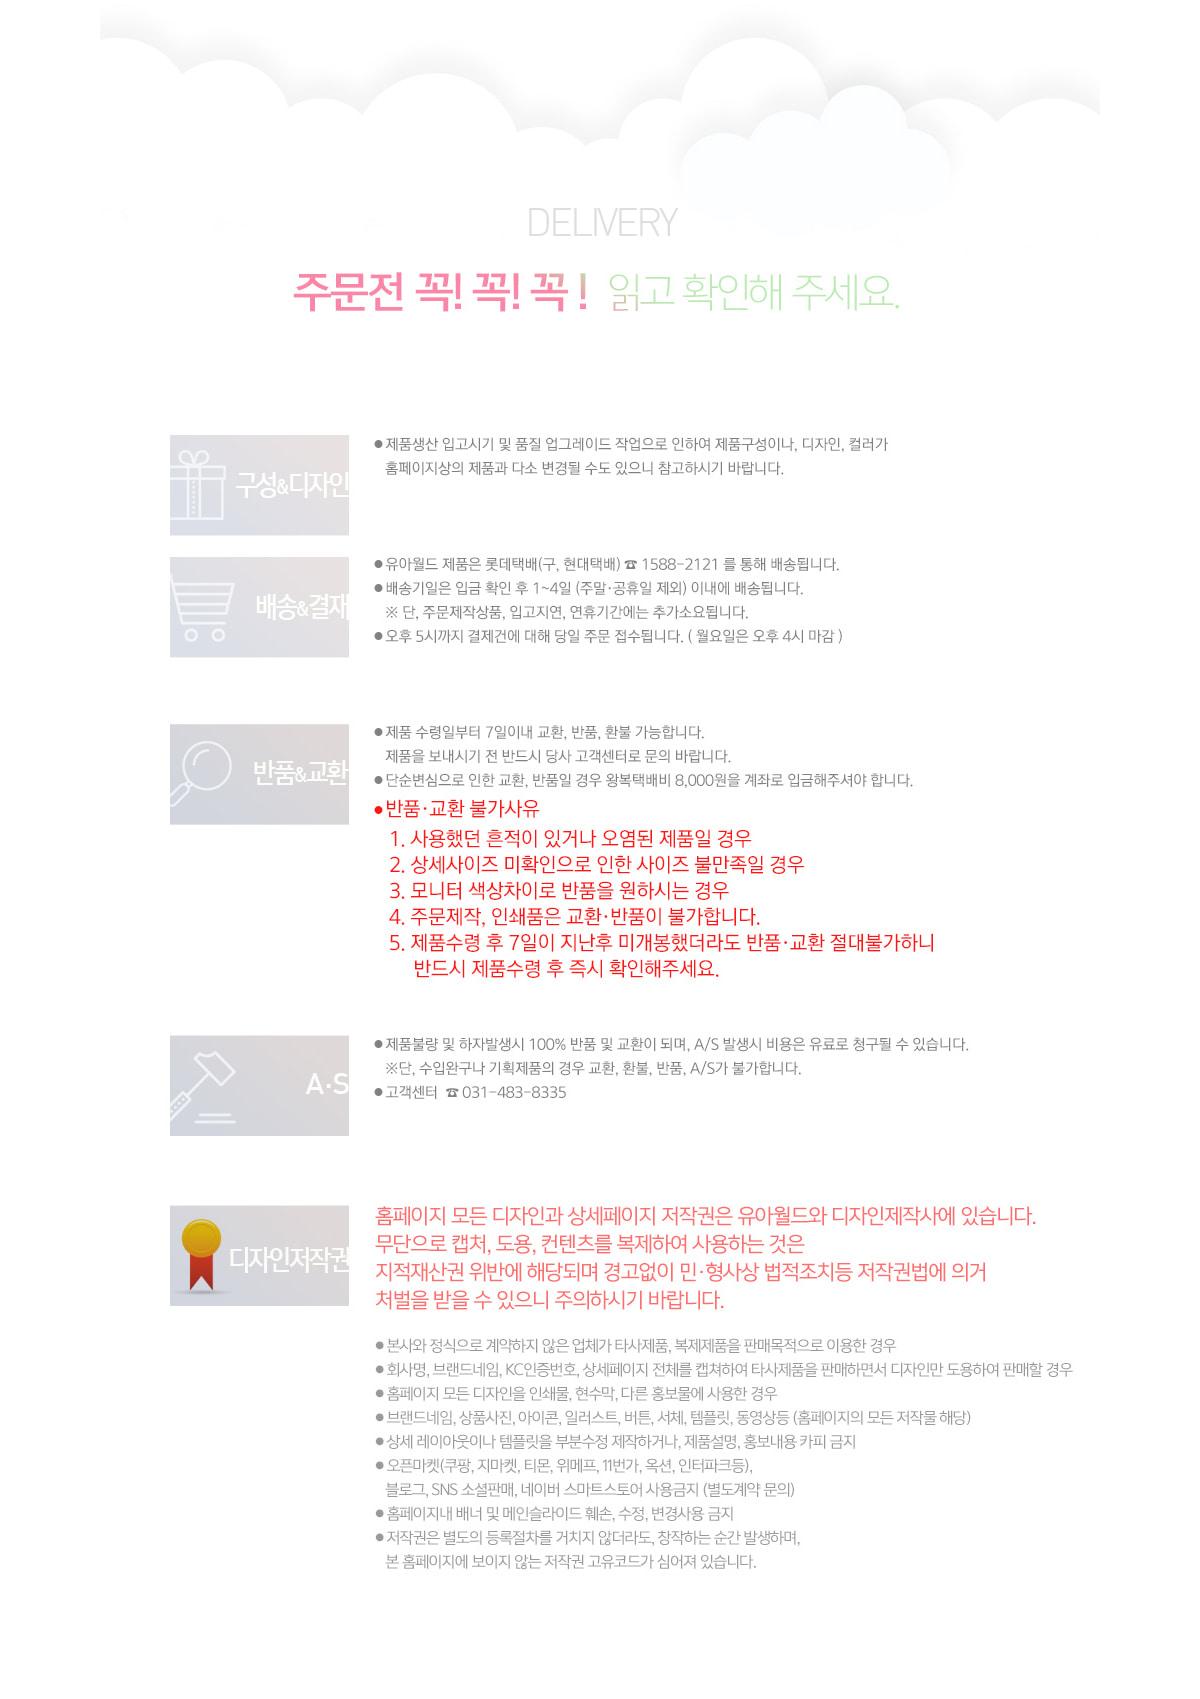 유아월드 주문전 꼭 읽어주세요!